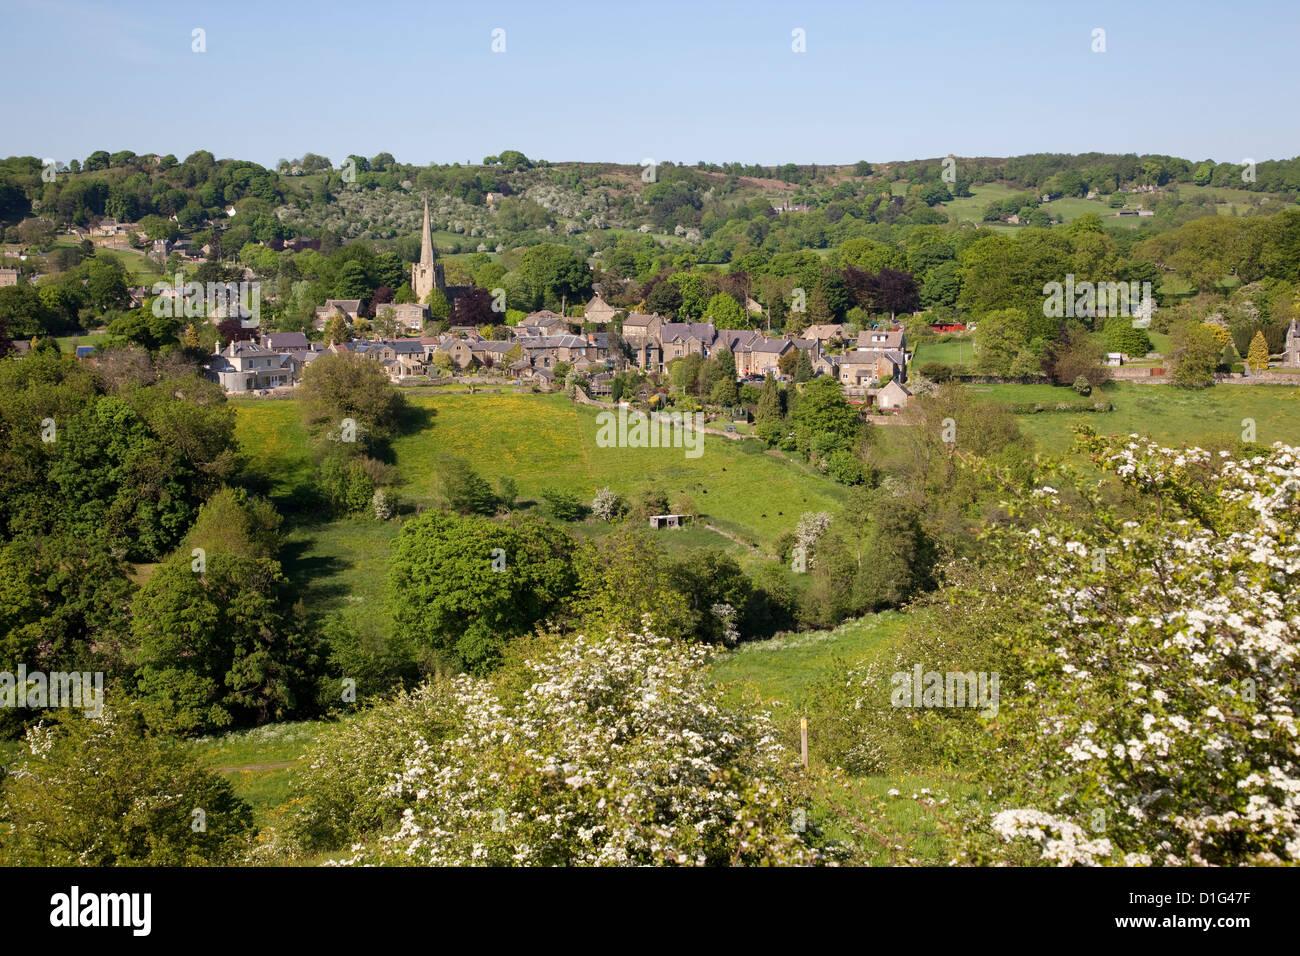 Vista sobre pueblo e iglesia, Ashover, Derbyshire, Inglaterra, Reino Unido, Europa Imagen De Stock